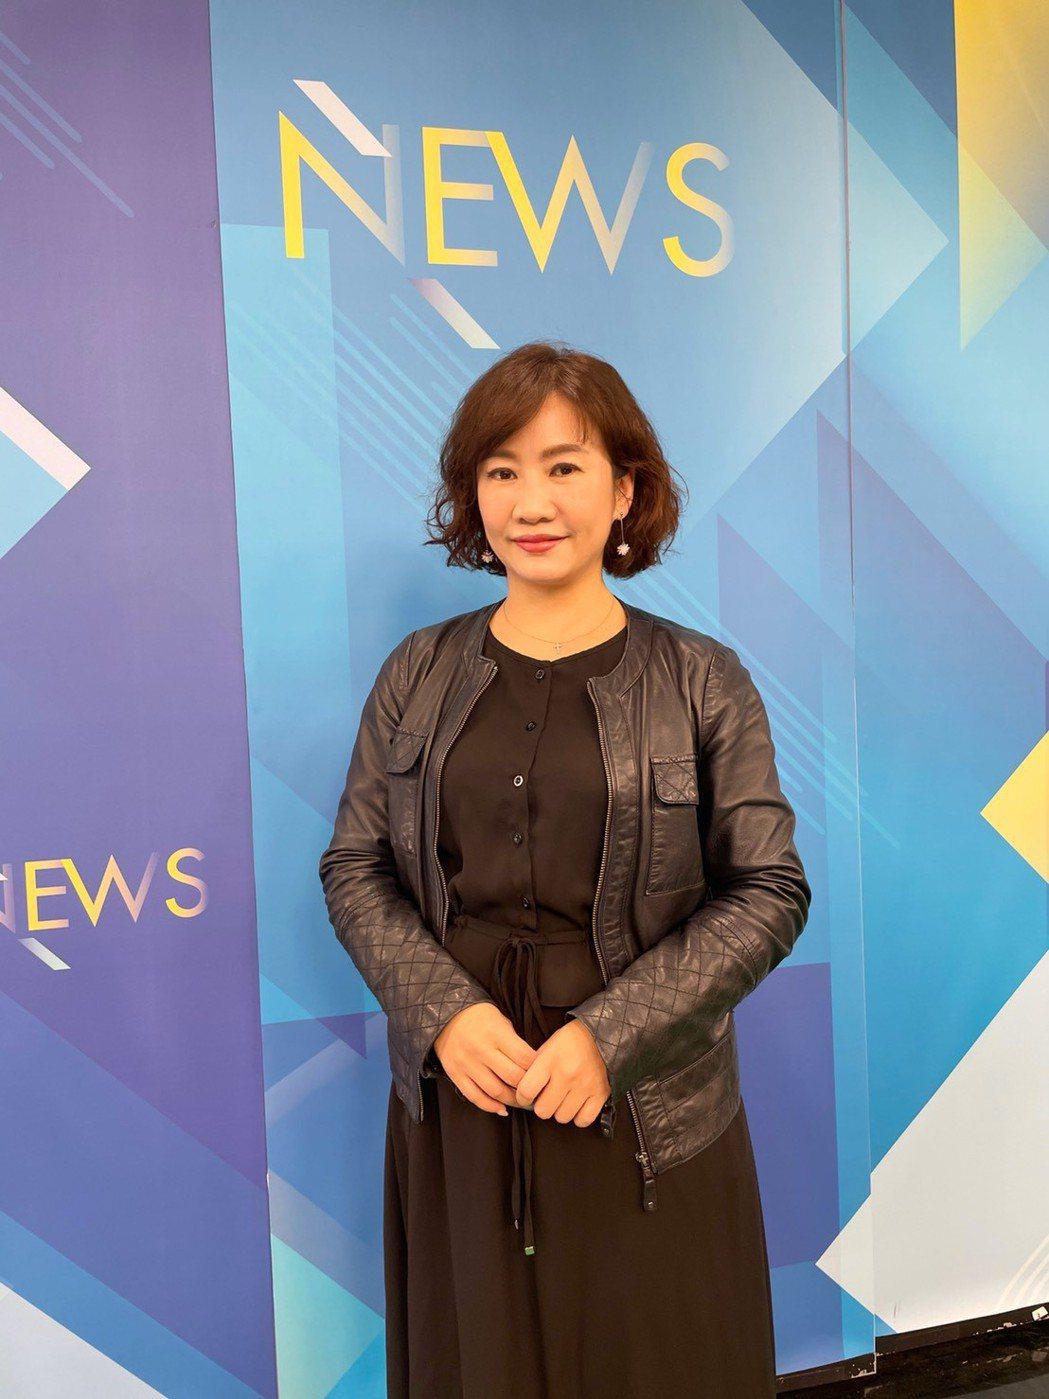 王淺秋除在中廣新聞網主持廣播,現也在Youtube開直播節目「52新聞千秋萬事」